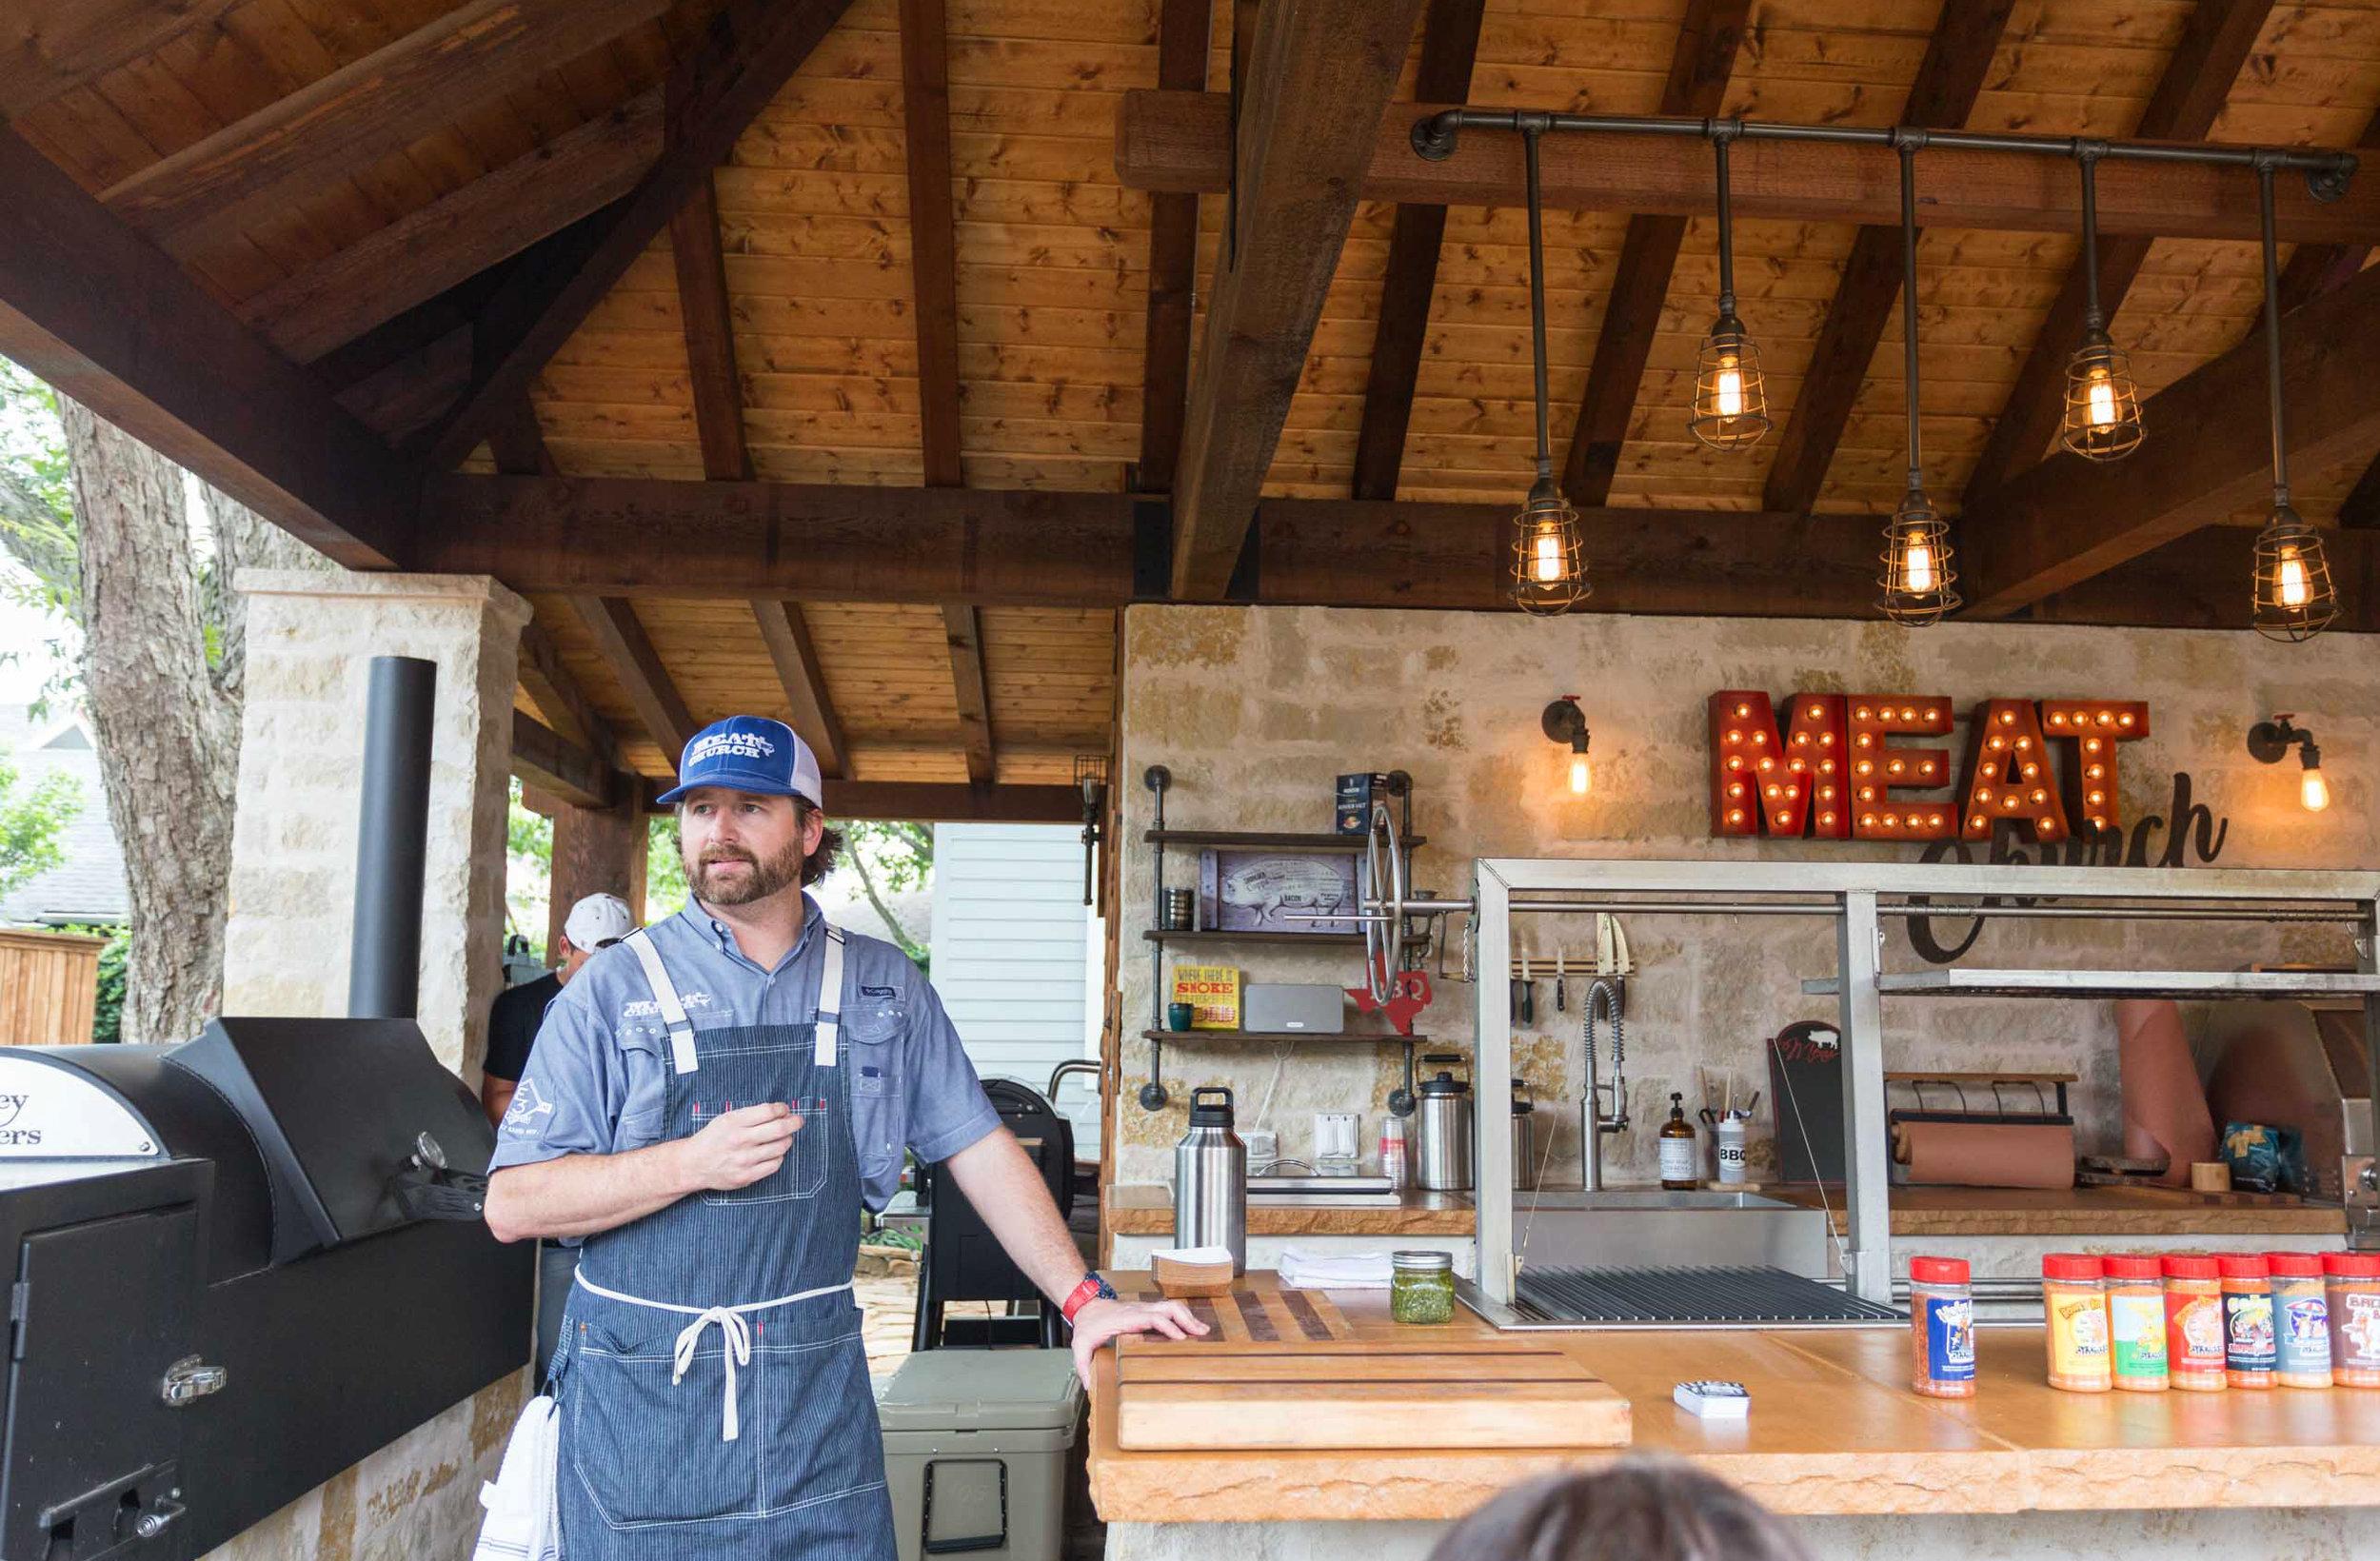 meat church kitchen 1.jpg